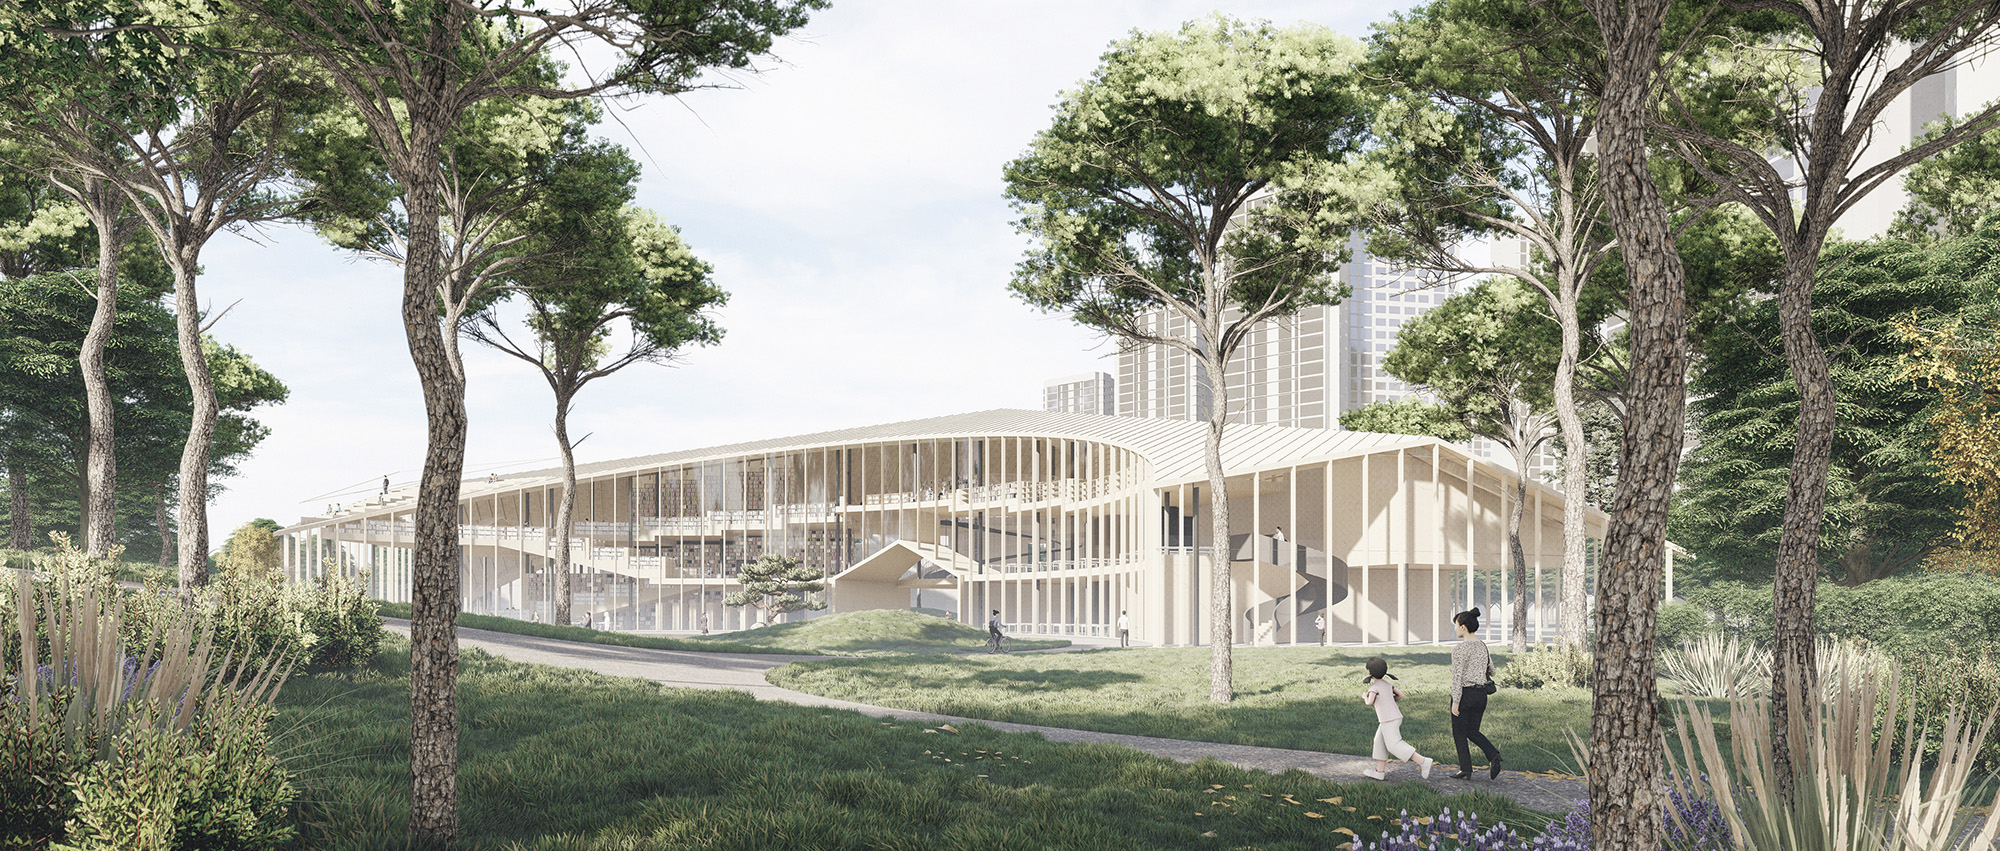 松岛书屋:松岛国际城图书馆国际设计竞赛荣誉提名